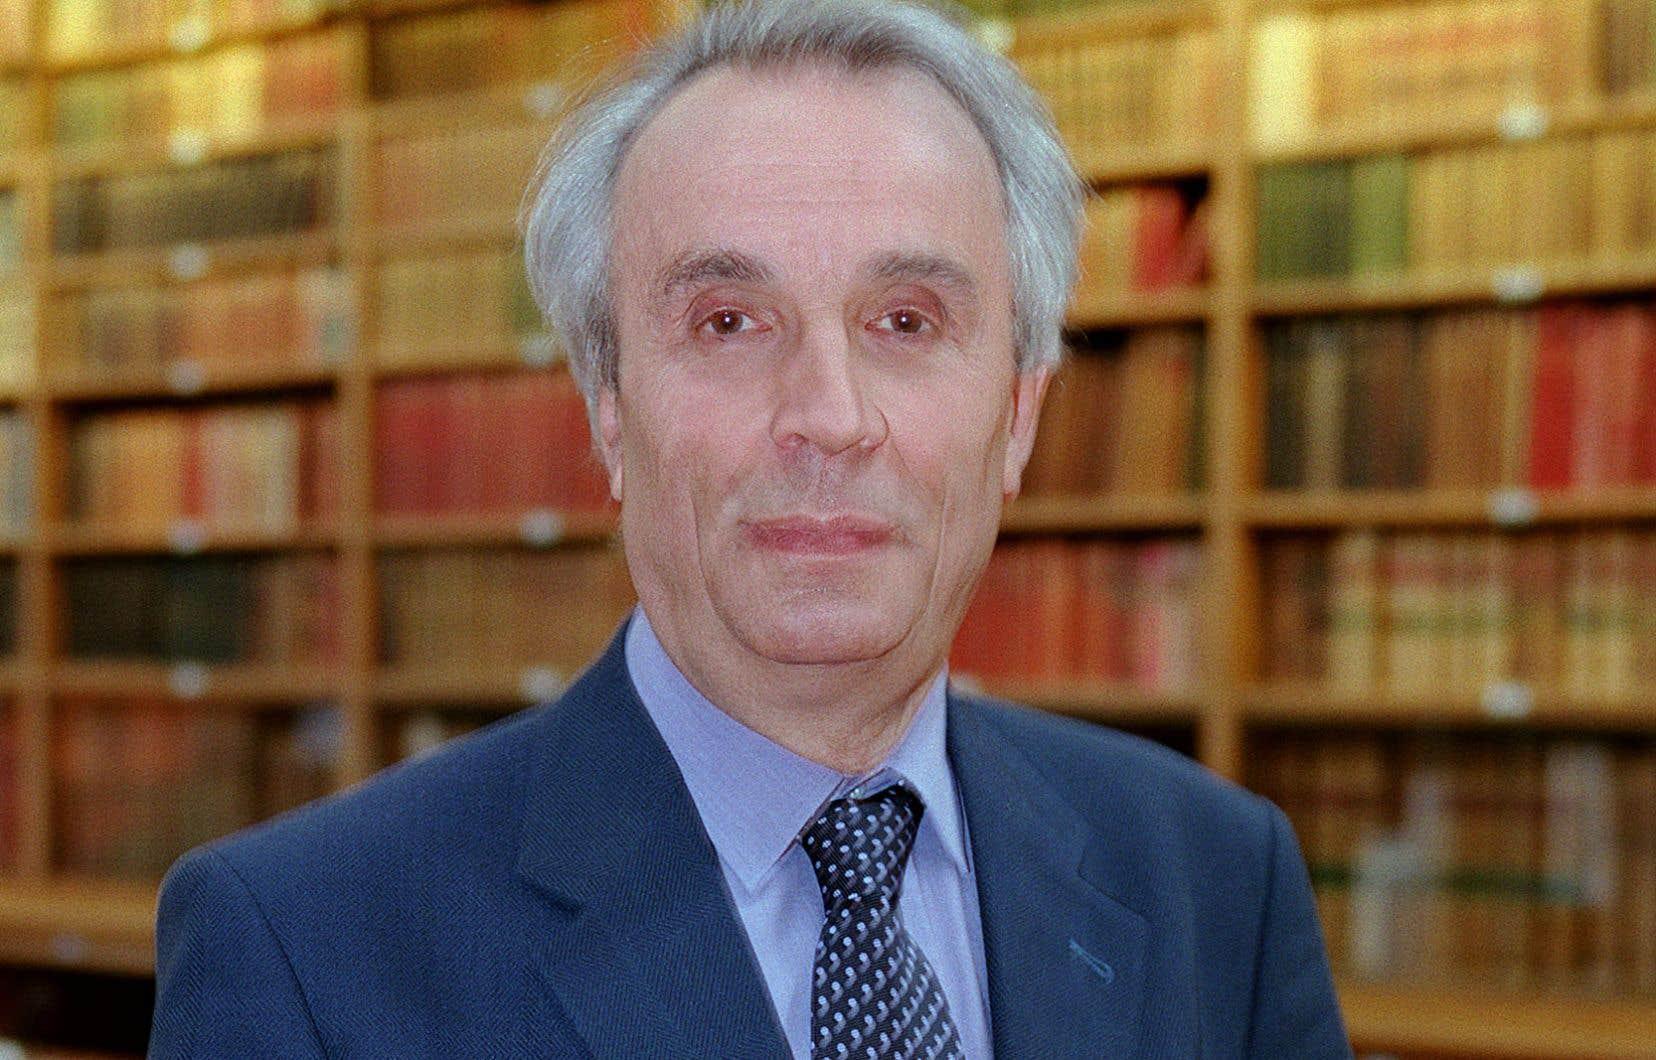 Alain Corbin photographié en 2002 à l'Université de la Sorbonne à Paris.